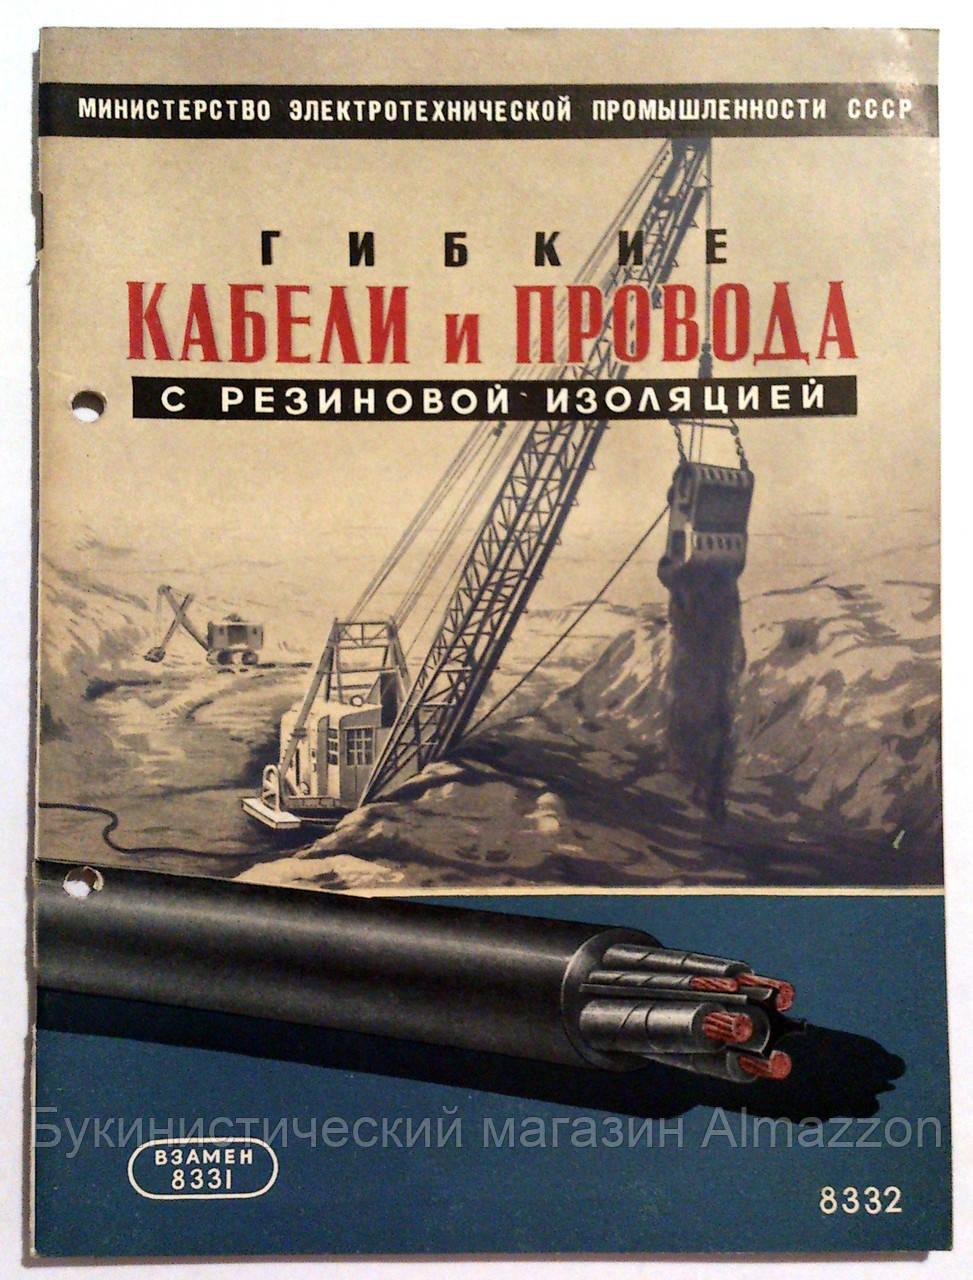 """Журнал (Бюллетень) """"Гибкие кабели и провода с резиновой изоляцией"""" 1955 год"""